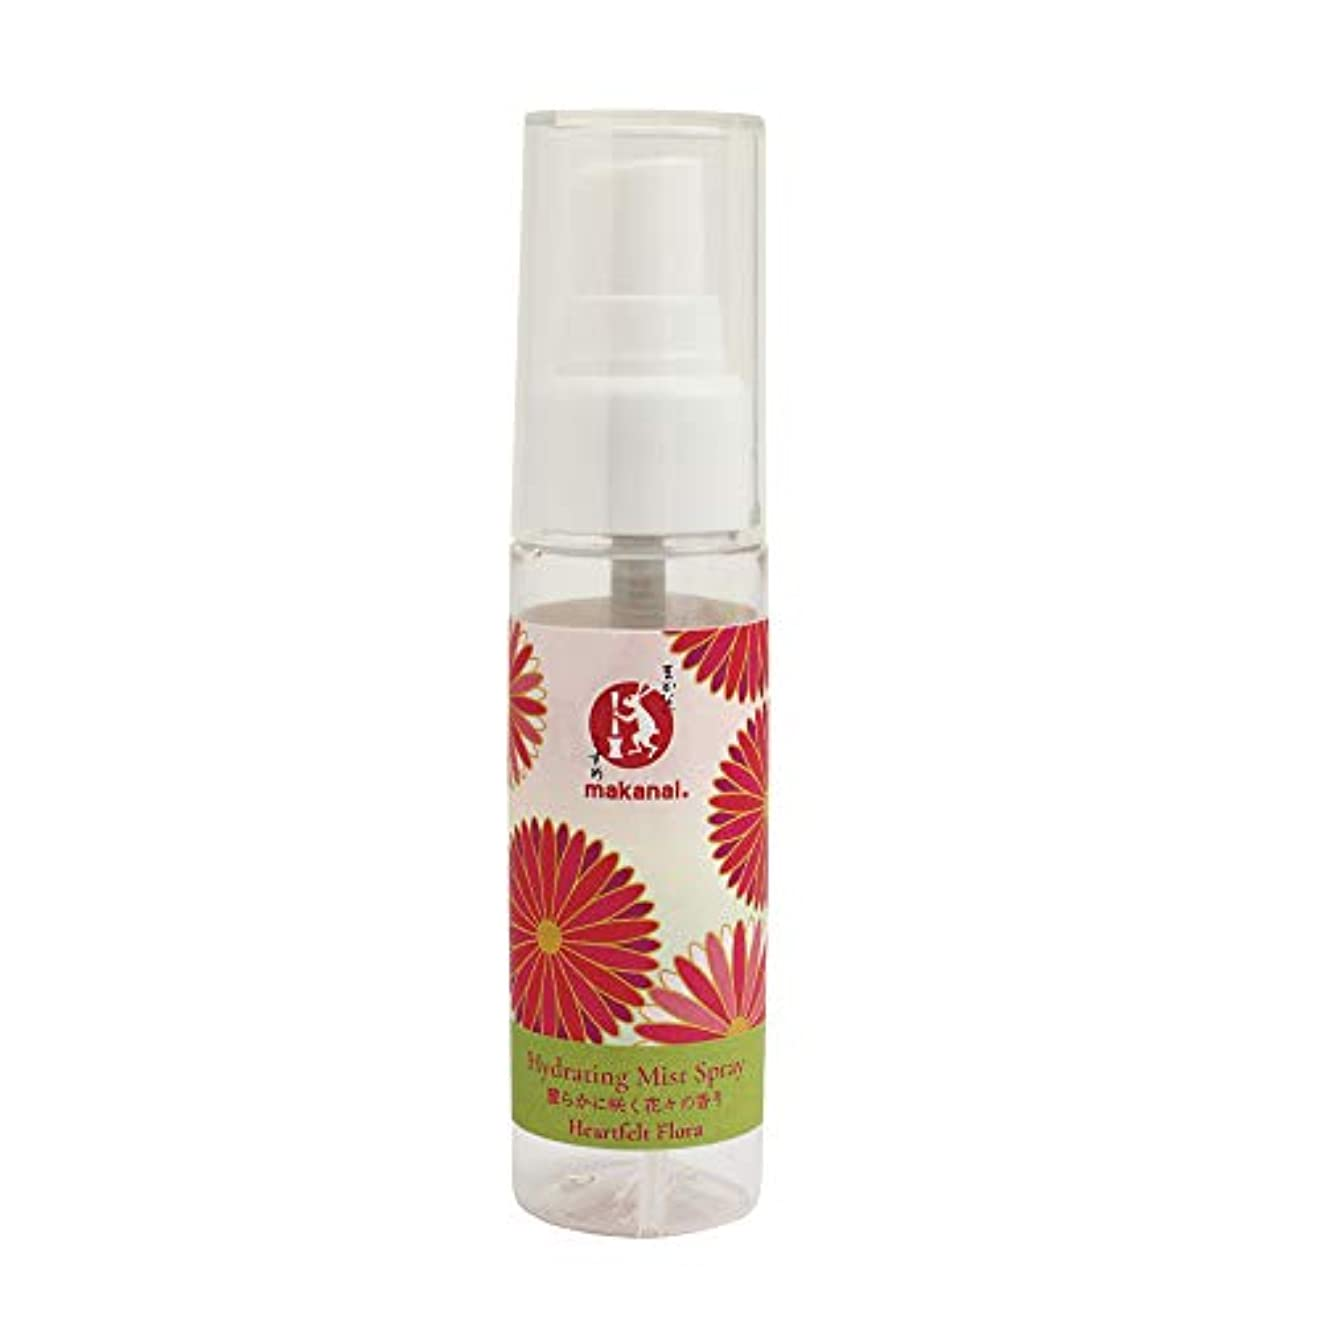 まかないこすめ もっとうるおいたい日の保湿スプレー(麗らかに咲く花々の香り) 50ml